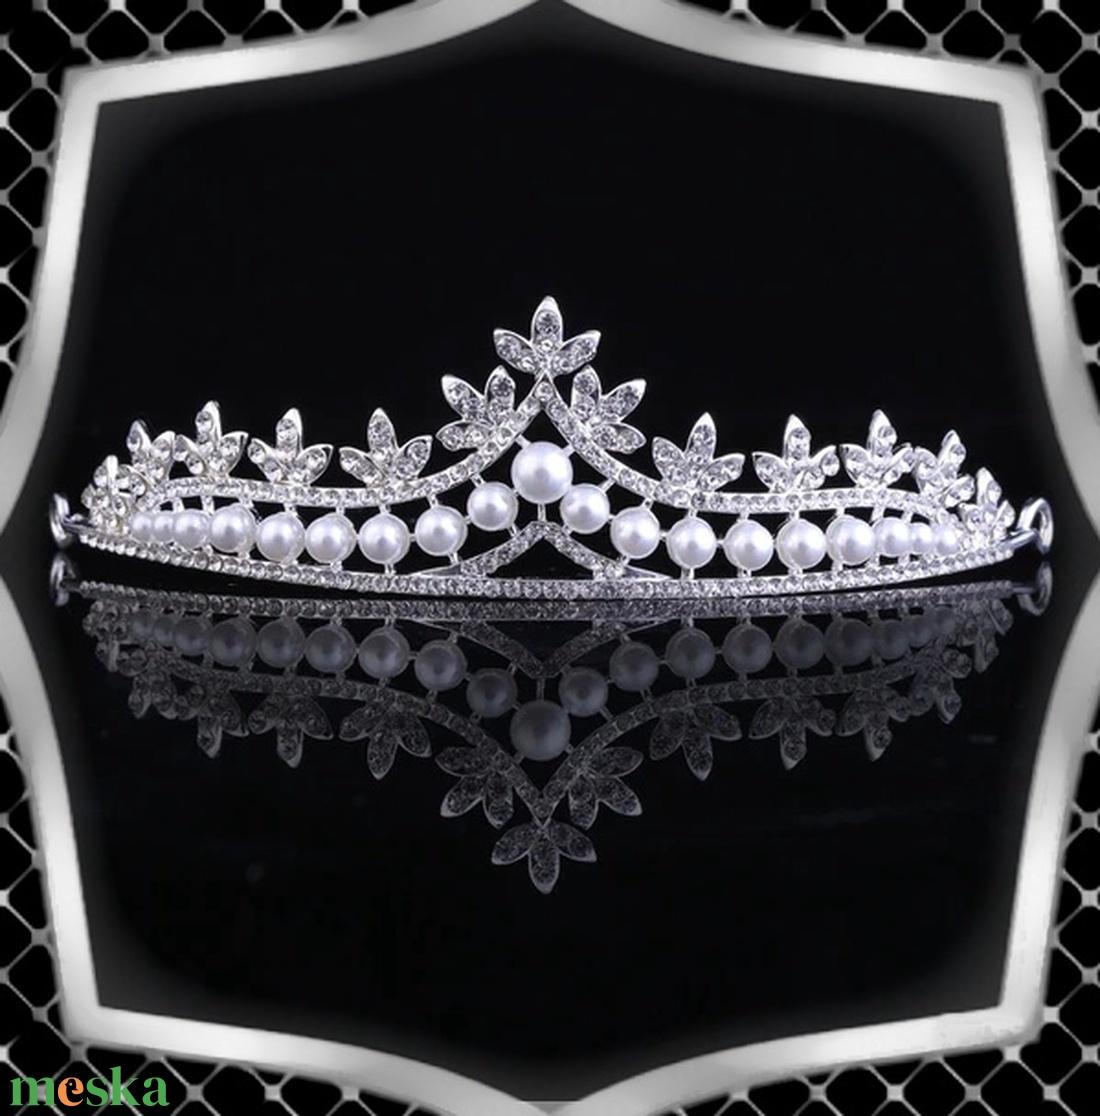 Ékszerek-hajdíszek, hajcsatok: Esküvői, menyasszonyi, alkalmi hajdísz ES-H-TI09 - esküvő - hajdísz - fésűs hajdísz - Meska.hu